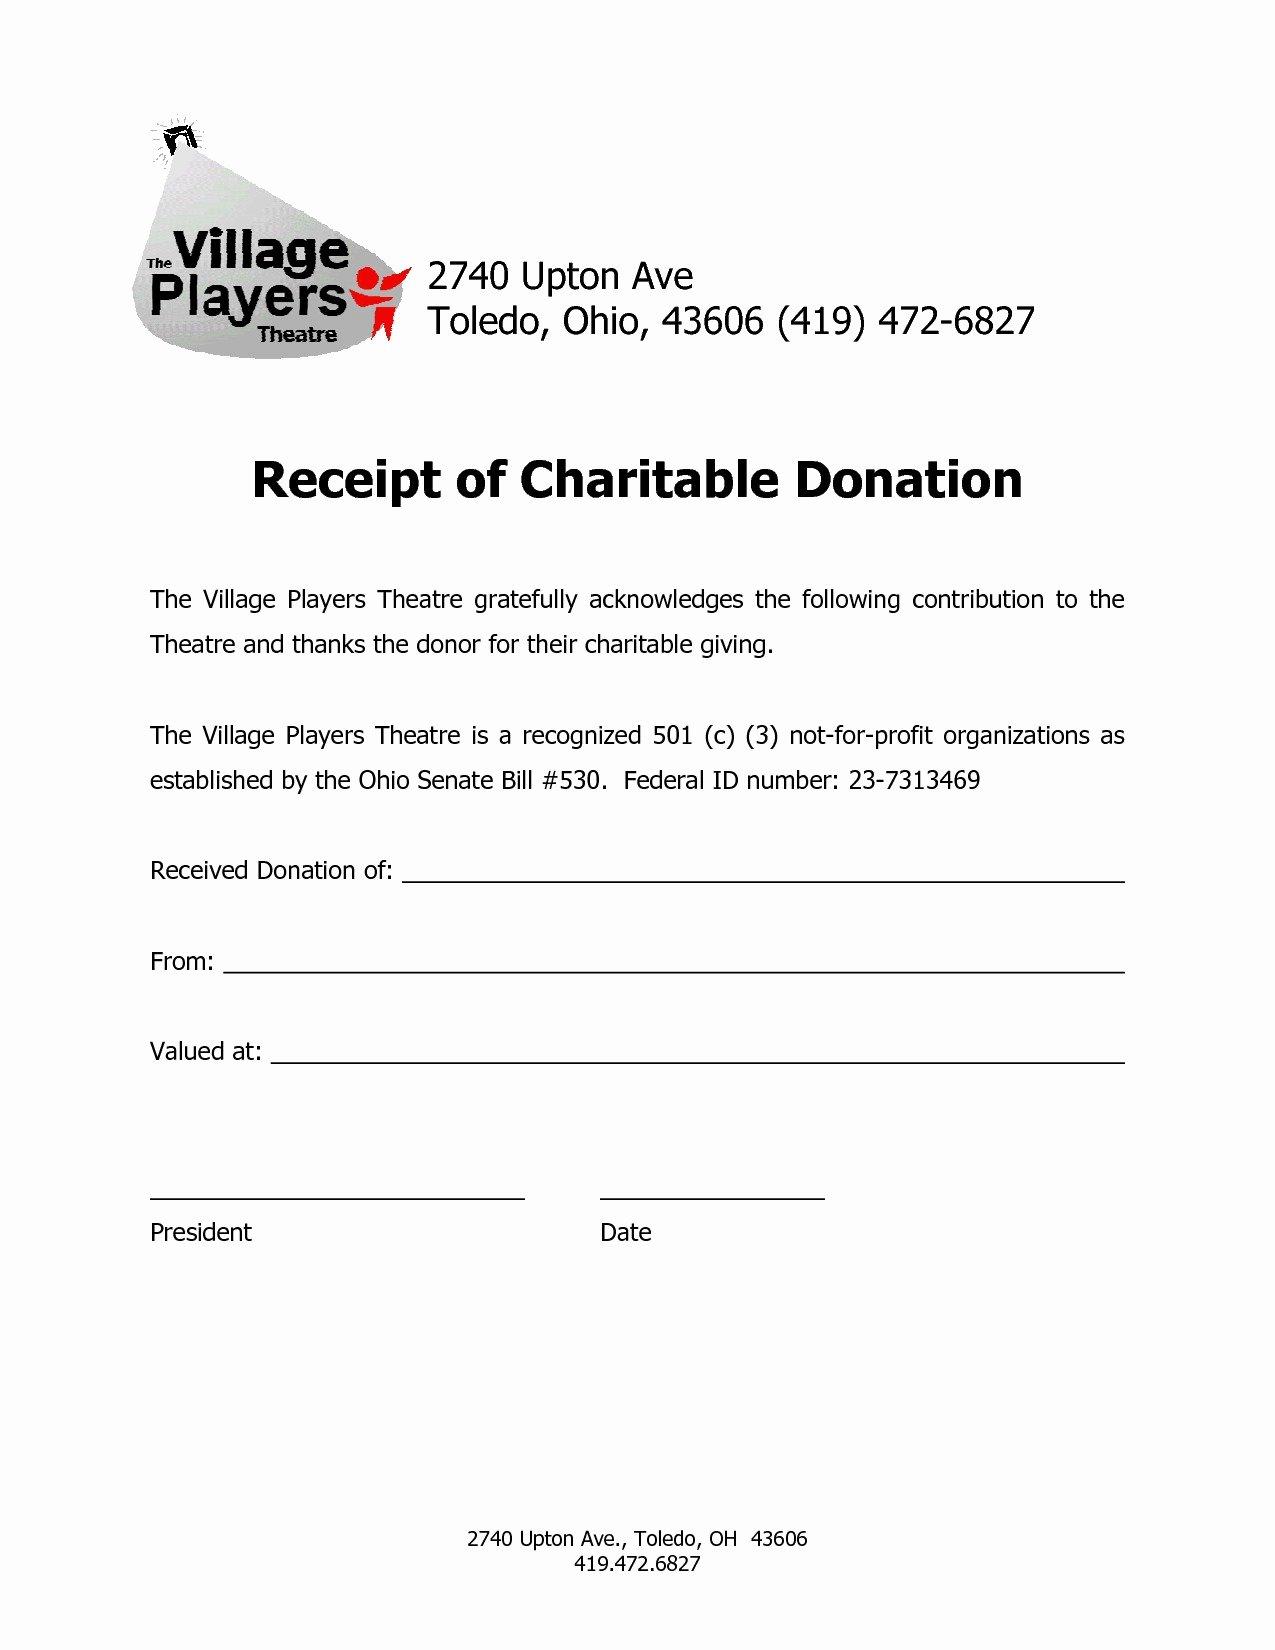 Nonprofit Donation Receipt Template Inspirational Charitable Donation Receipt Letter Template Collection